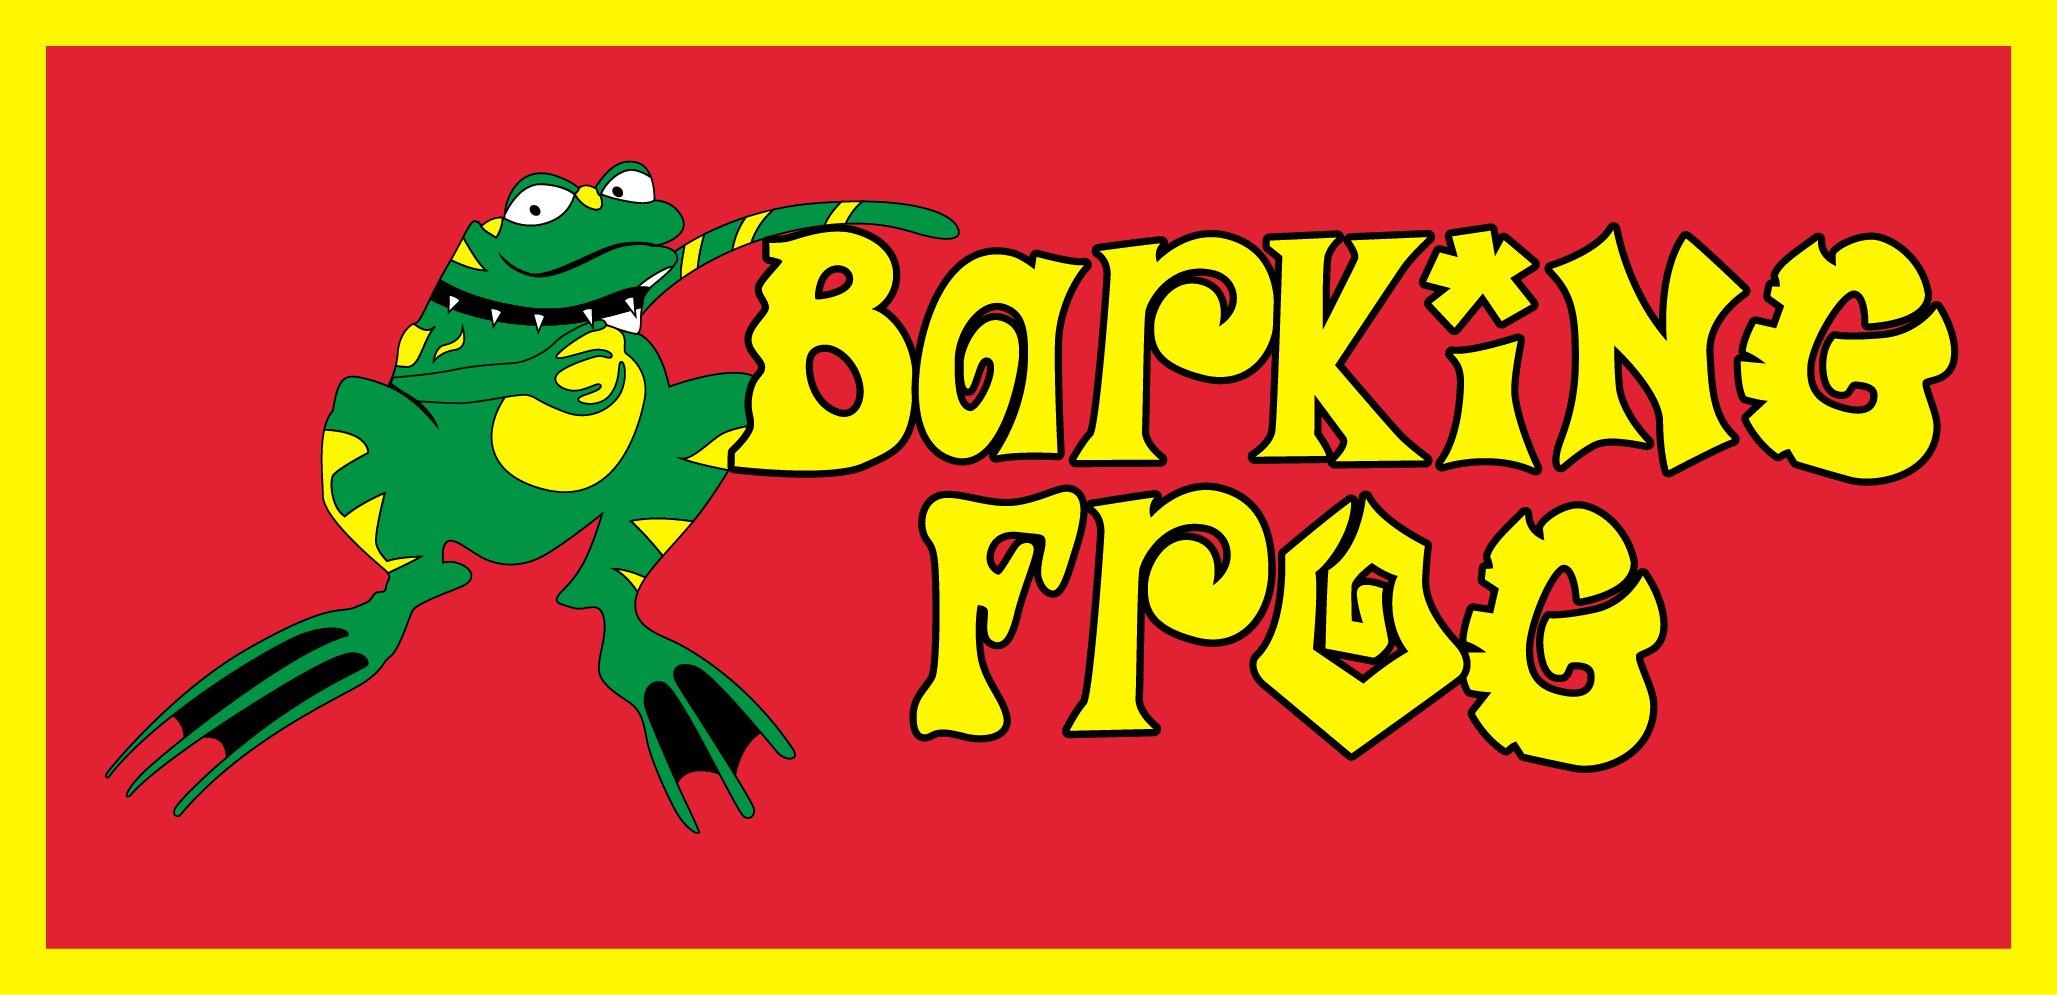 Beacon Barking Frog